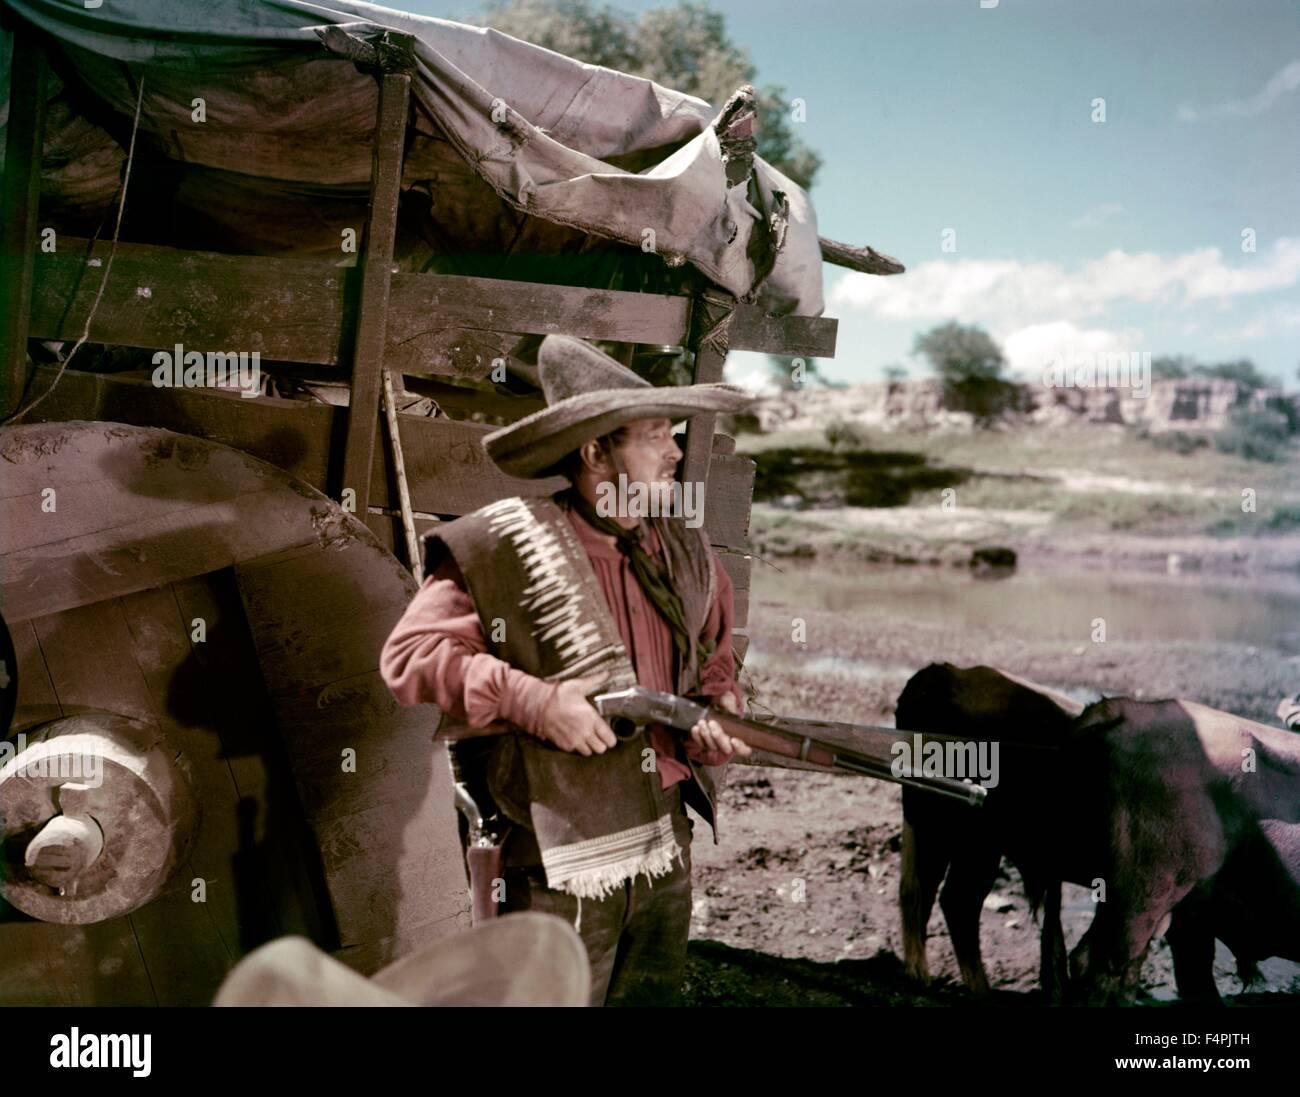 Robert Mitchum / le merveilleux pays / 1959 réalisé par Robert Parrish [United Artists] Photo Stock